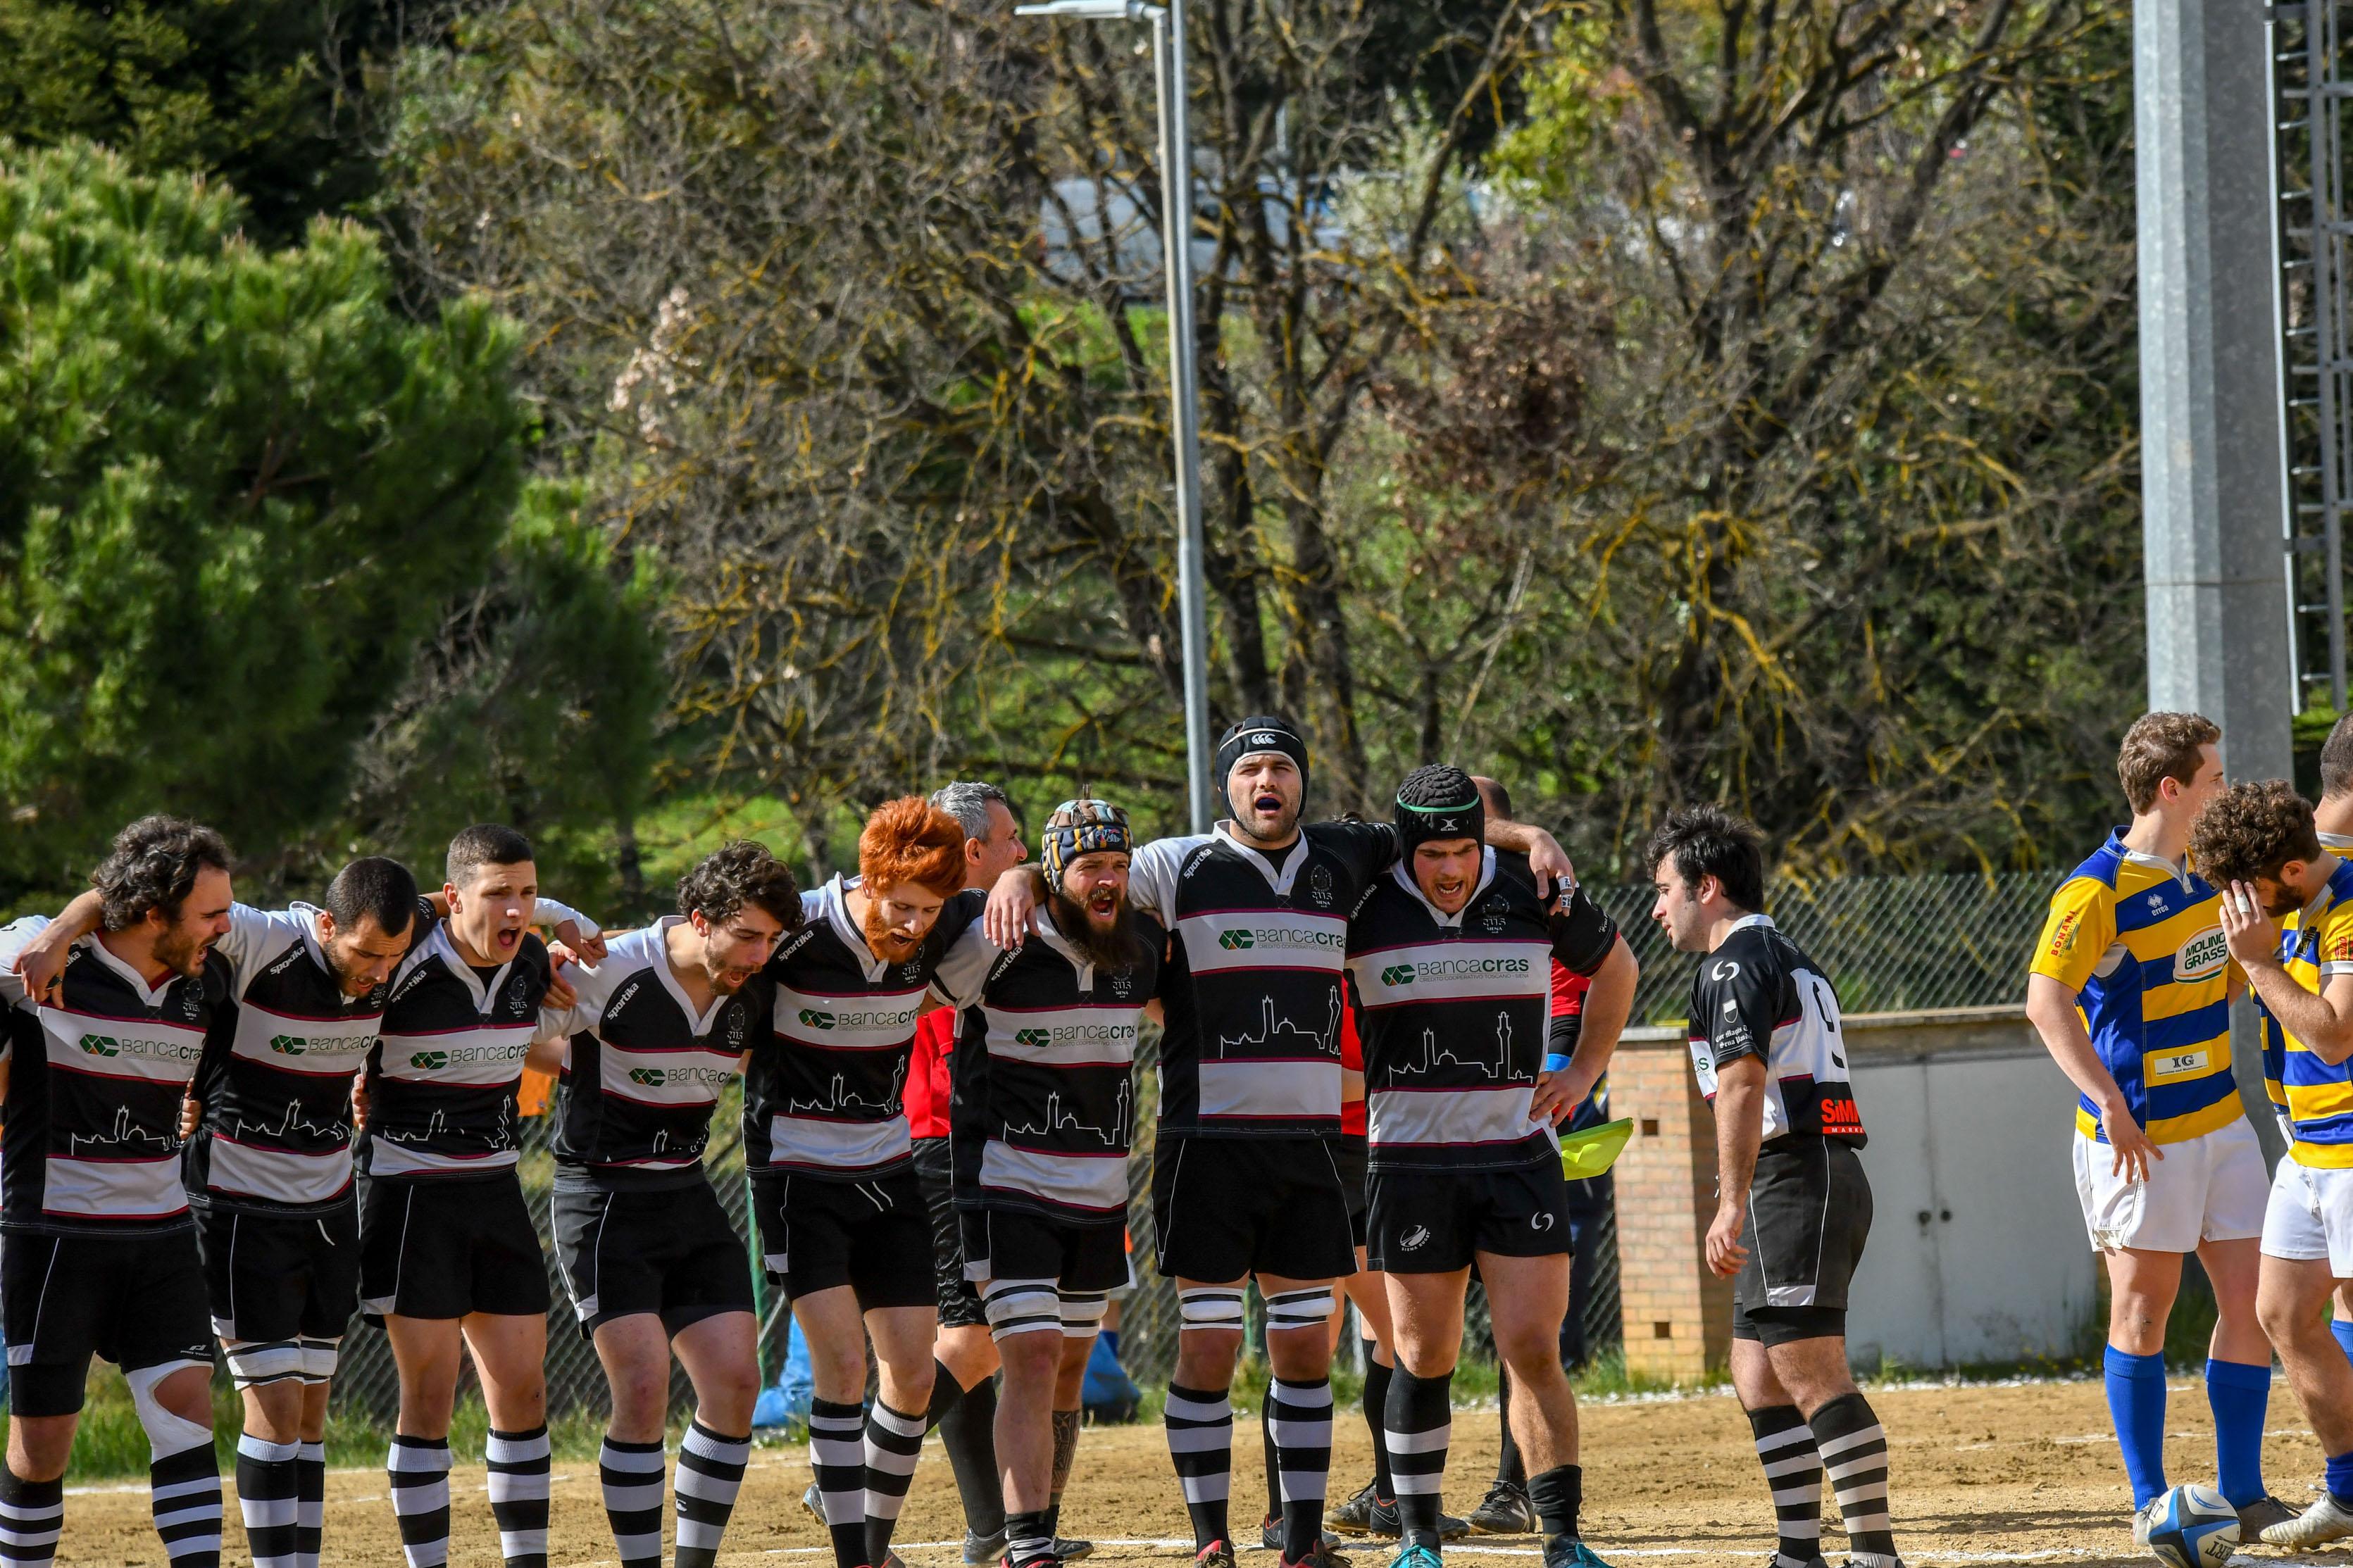 Il Banca CRAS CUS Siena fa tutto bene fino a 5 minuti dalla fine, poi è la Rugby Parma ad imporsi.